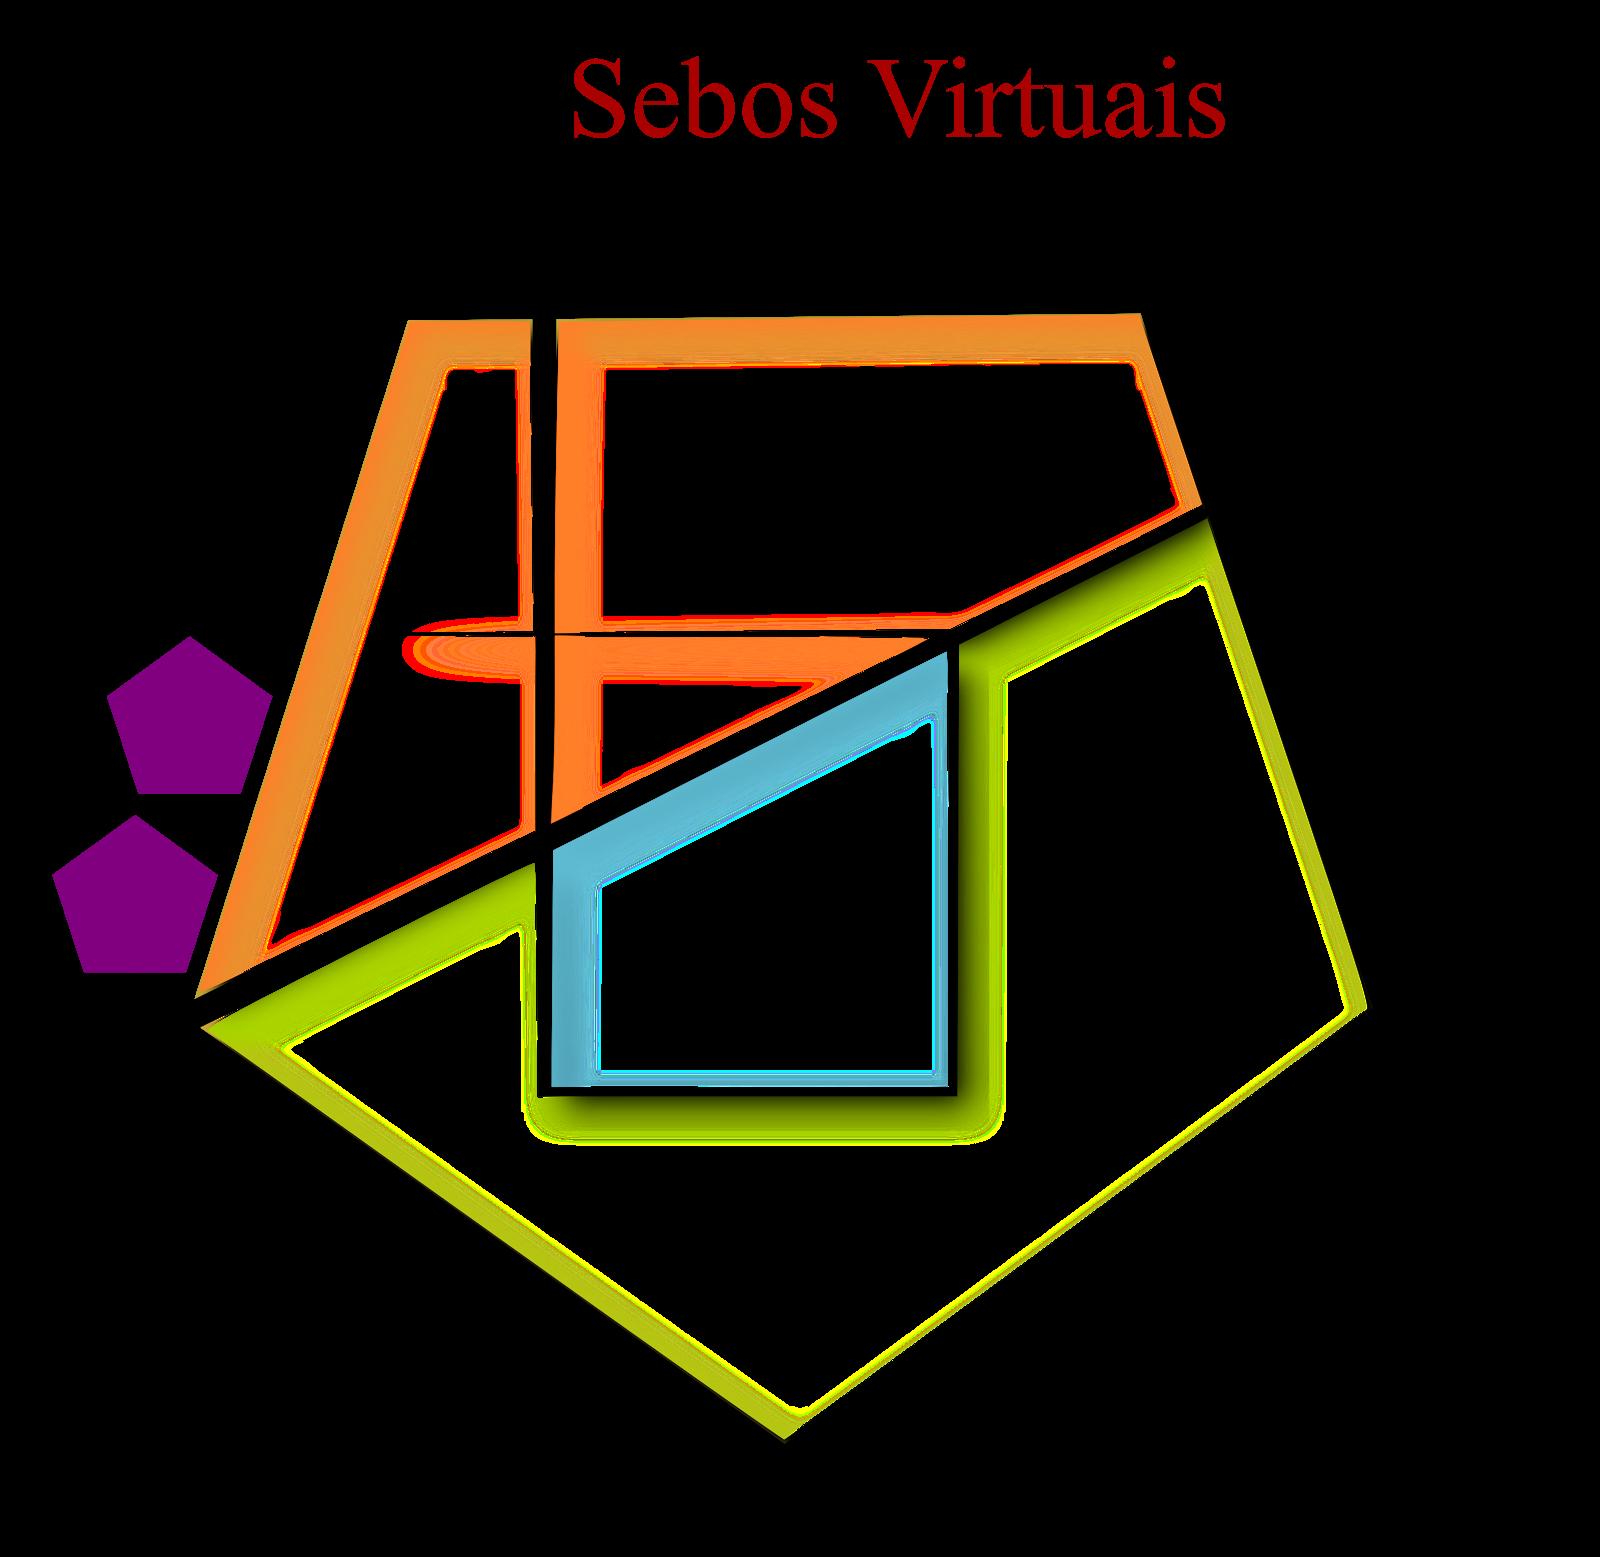 Sebos Virtuais